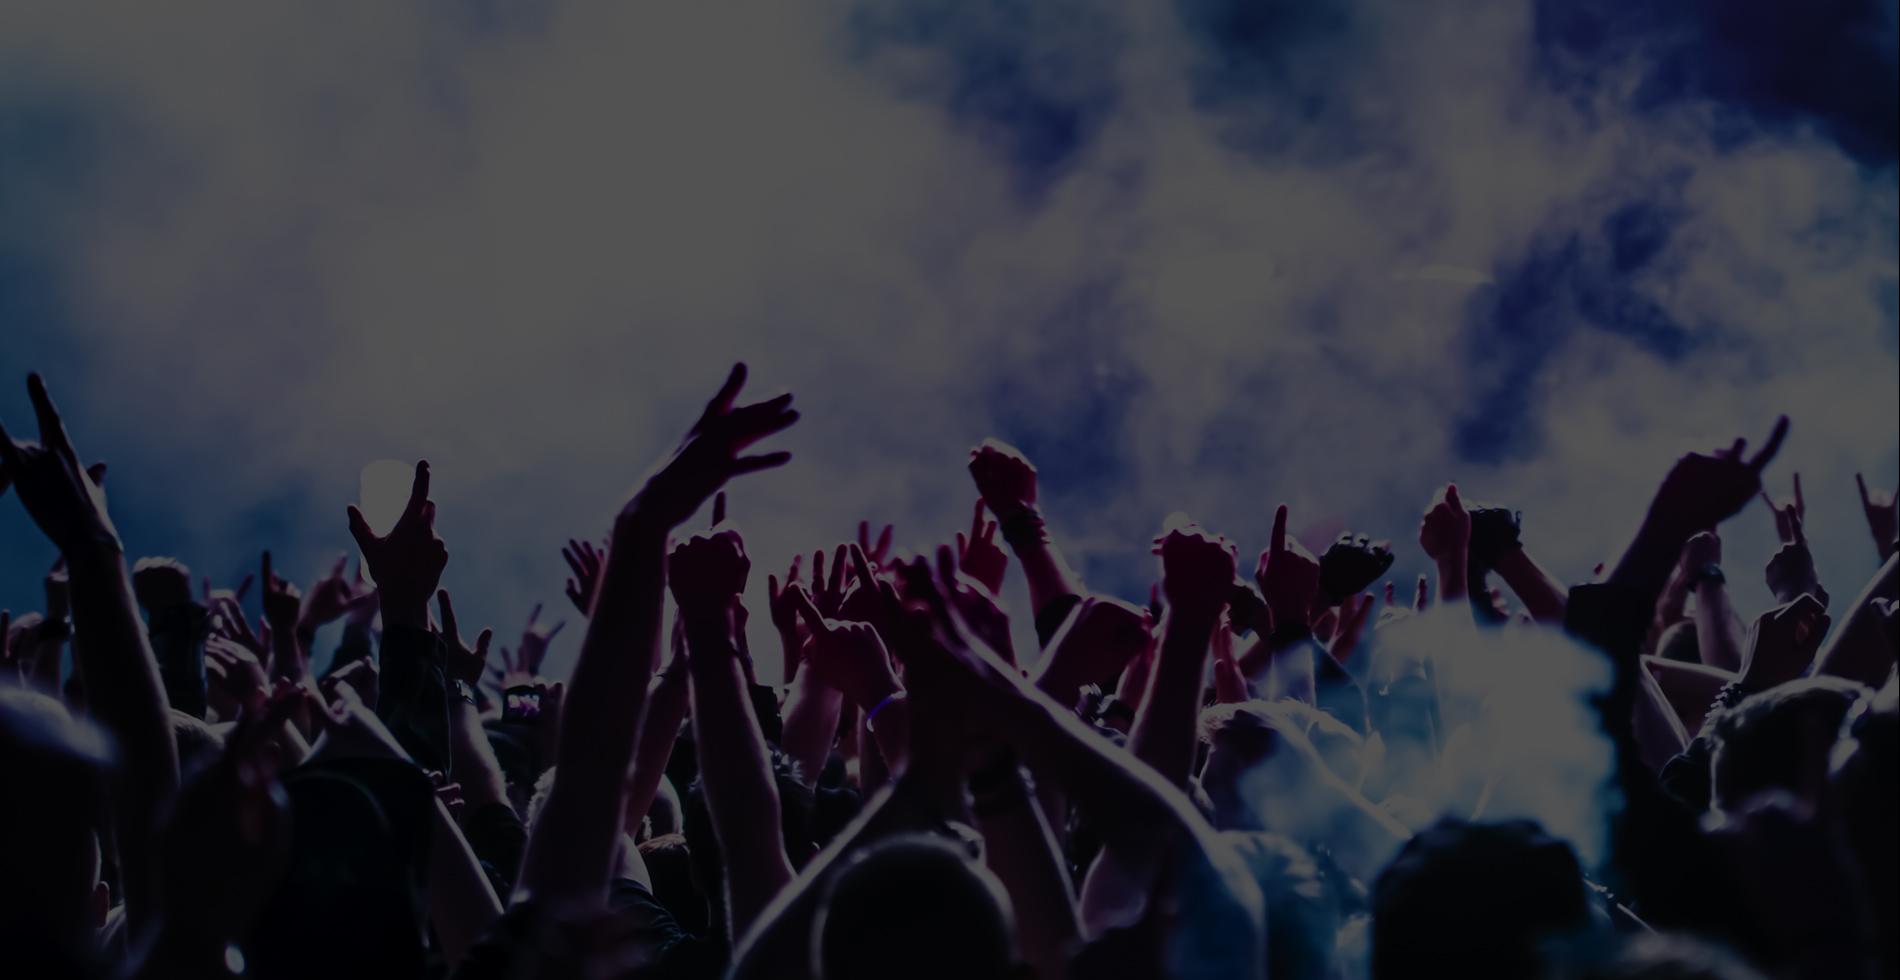 Âm nhạc có tác động ra sao đối với cuộc sống của chúng ta?